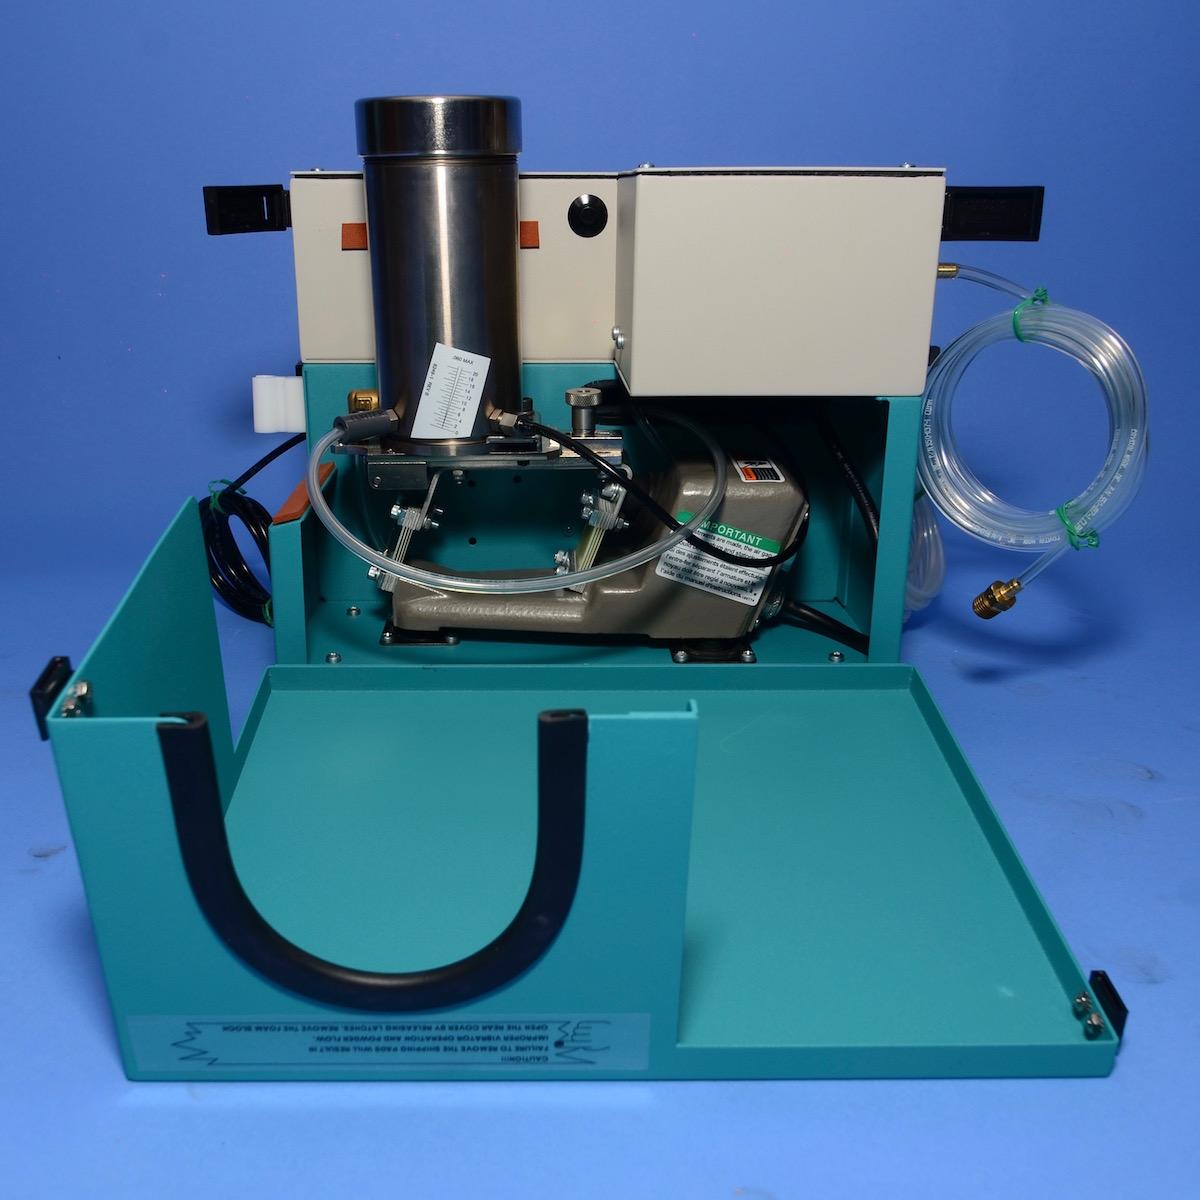 SWAM BLAST MV-2, MV2-L | Carbide Fittings | Tilt Tank for Easy Replacement of Abrasives